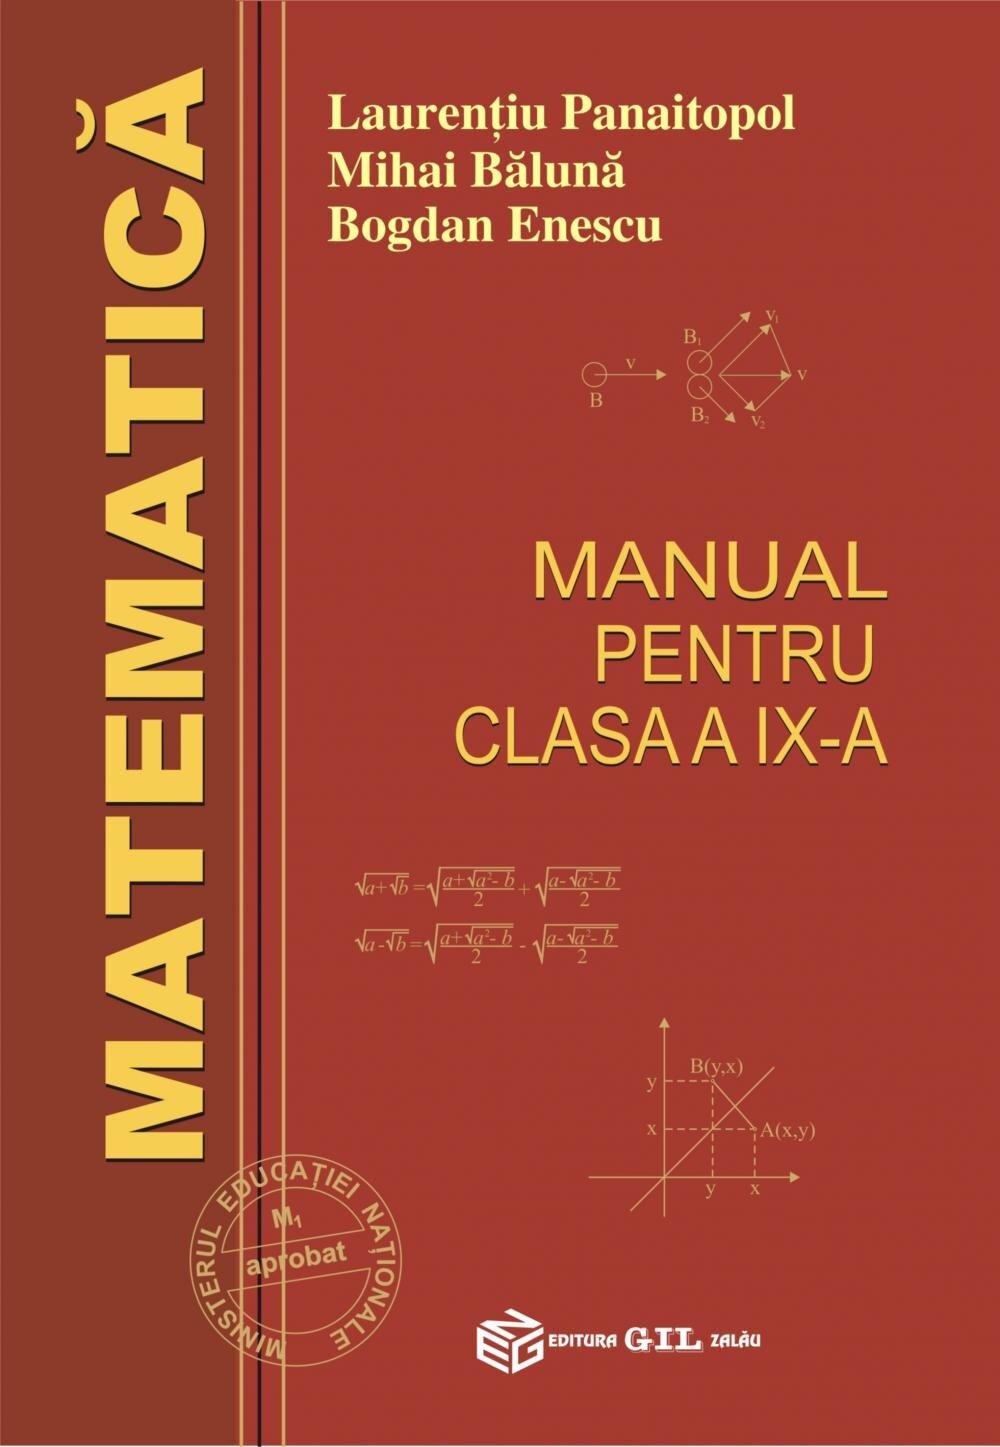 Matematica-manual pentru clasa a IX-a (Panaitopol) (eBook)